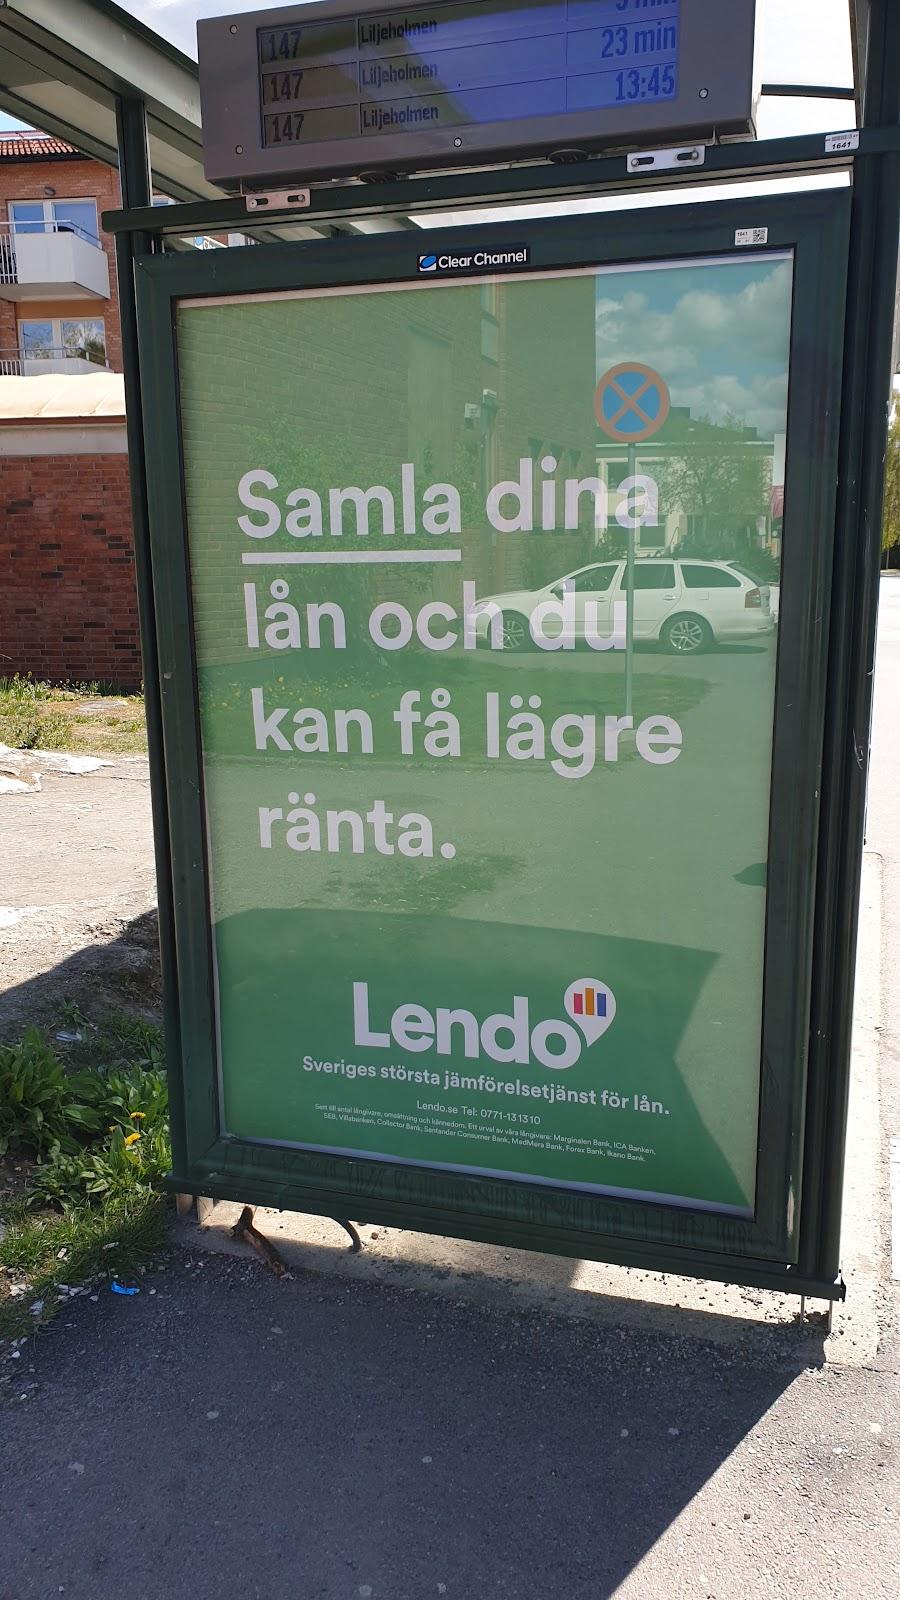 Gschool - Samla dina lån och du kan få lägre ränta (Lendo)